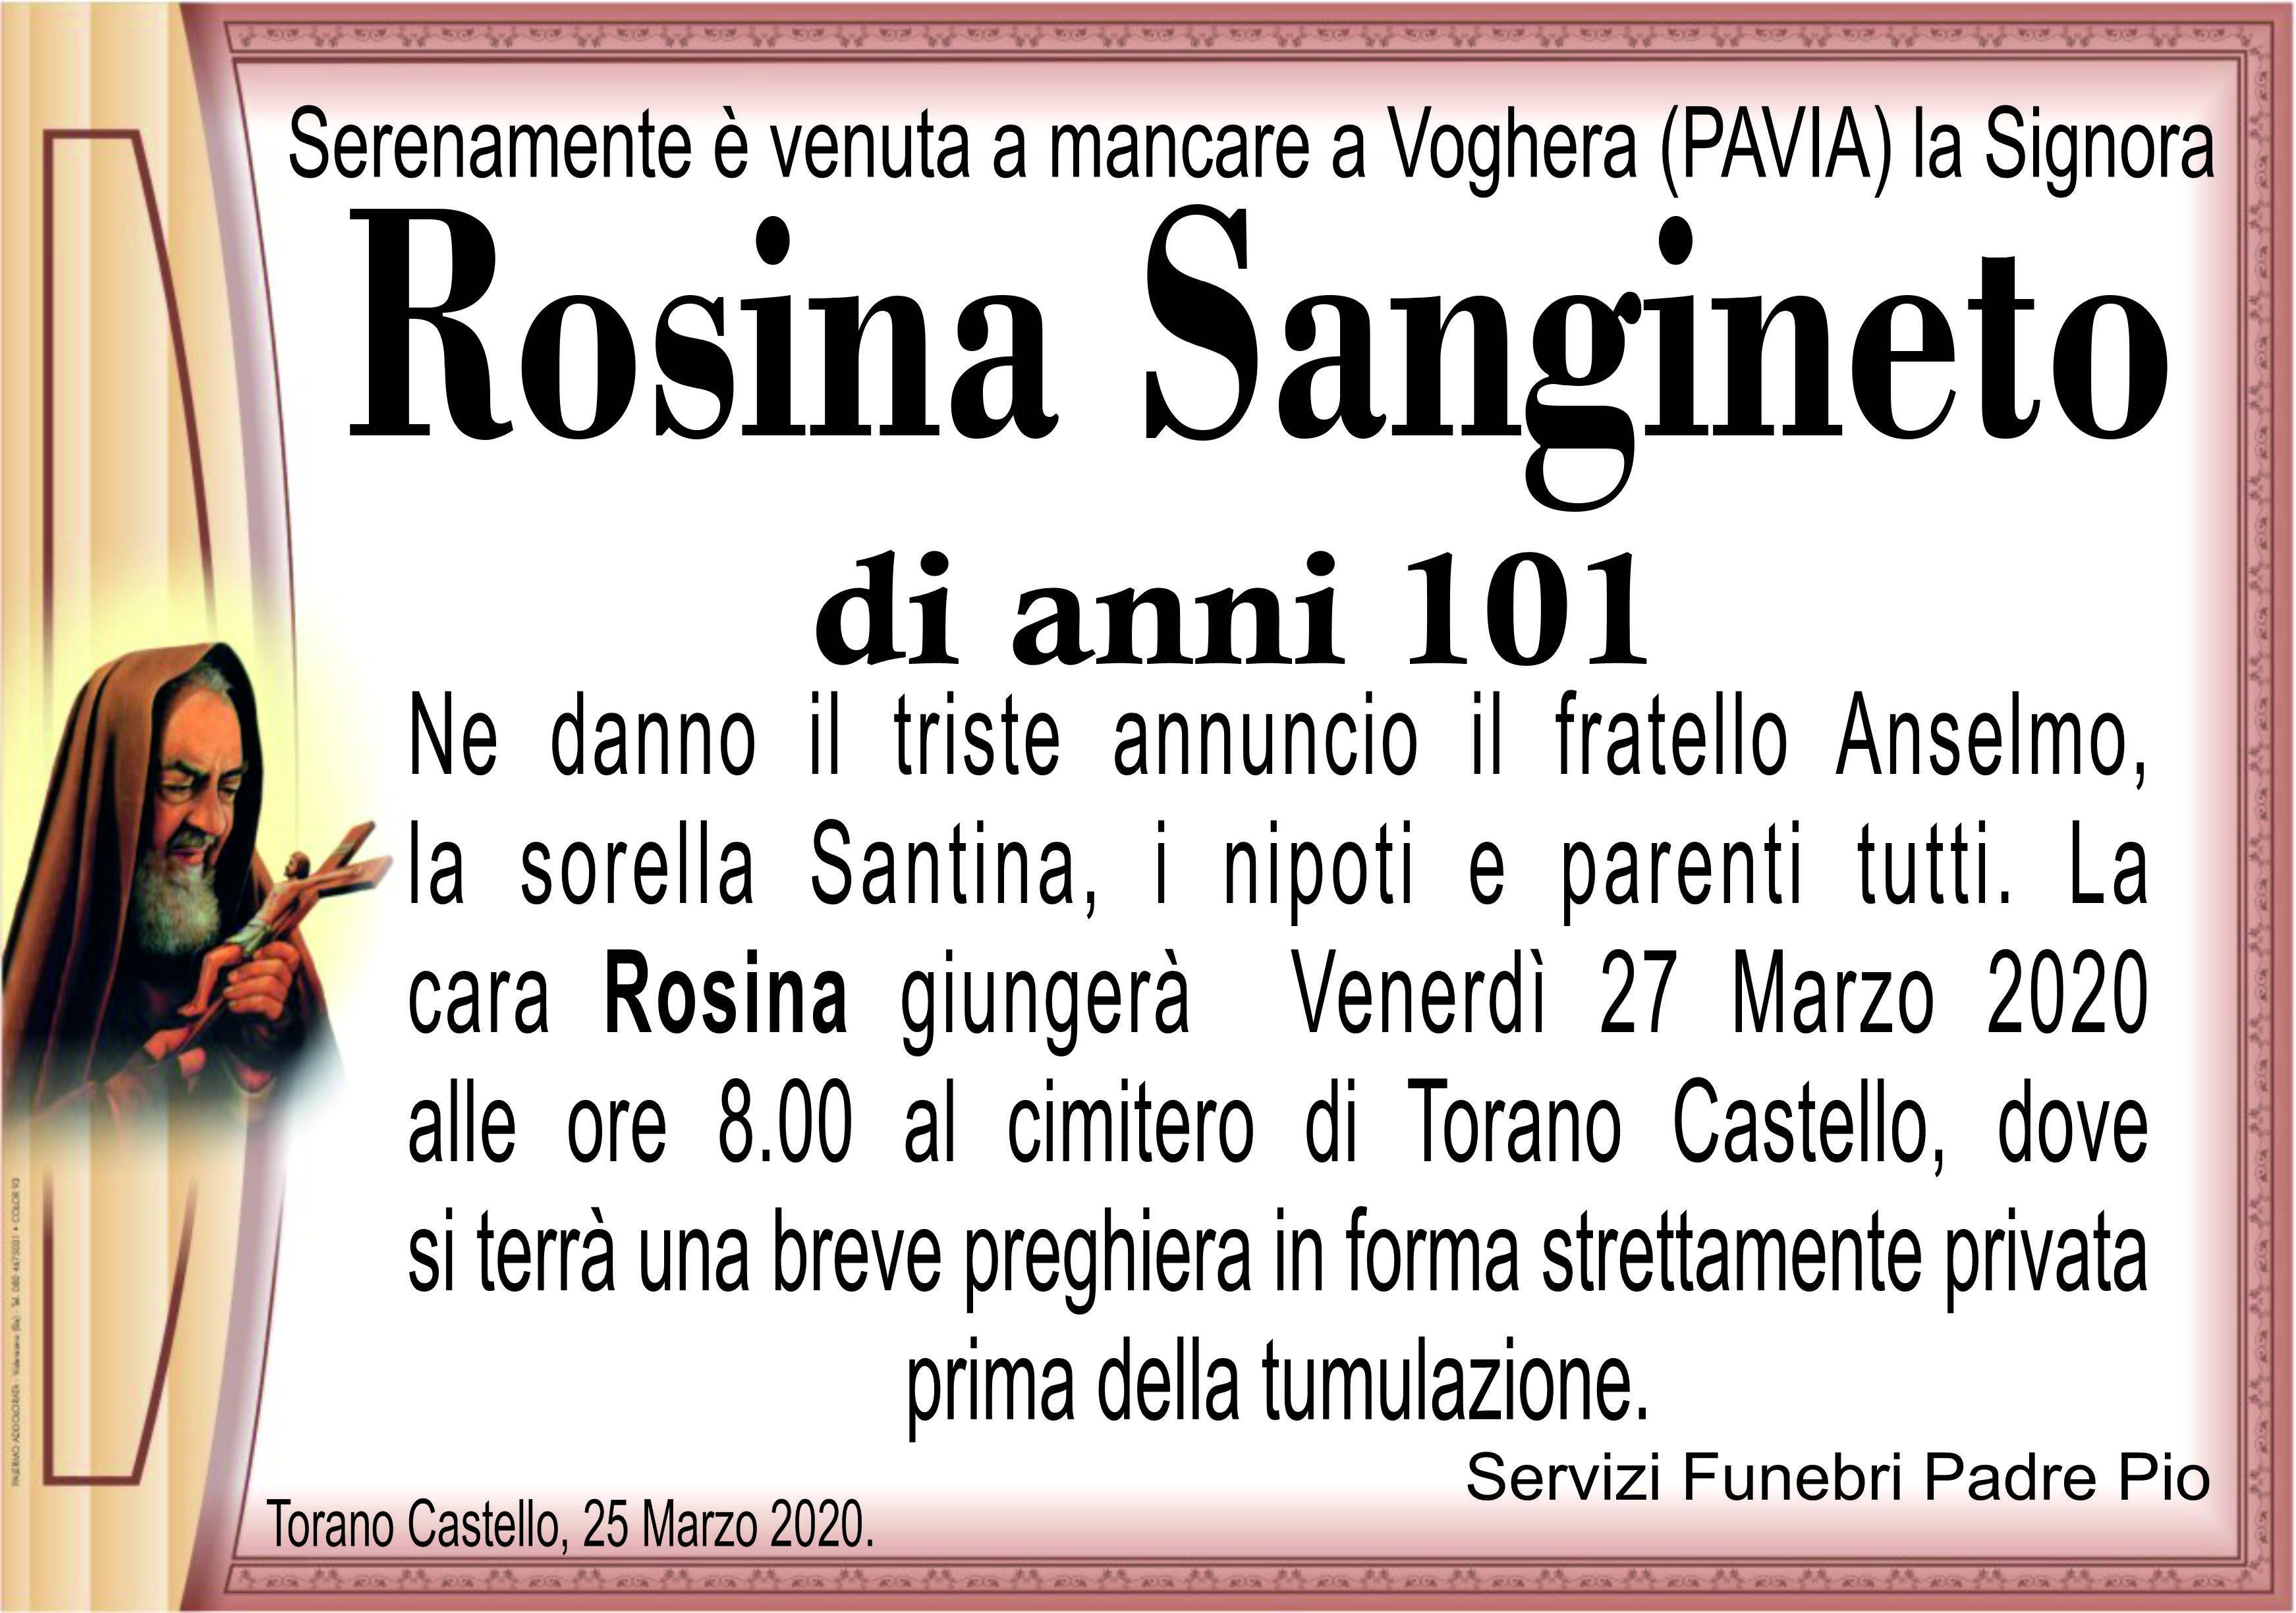 Rosina Sangineto